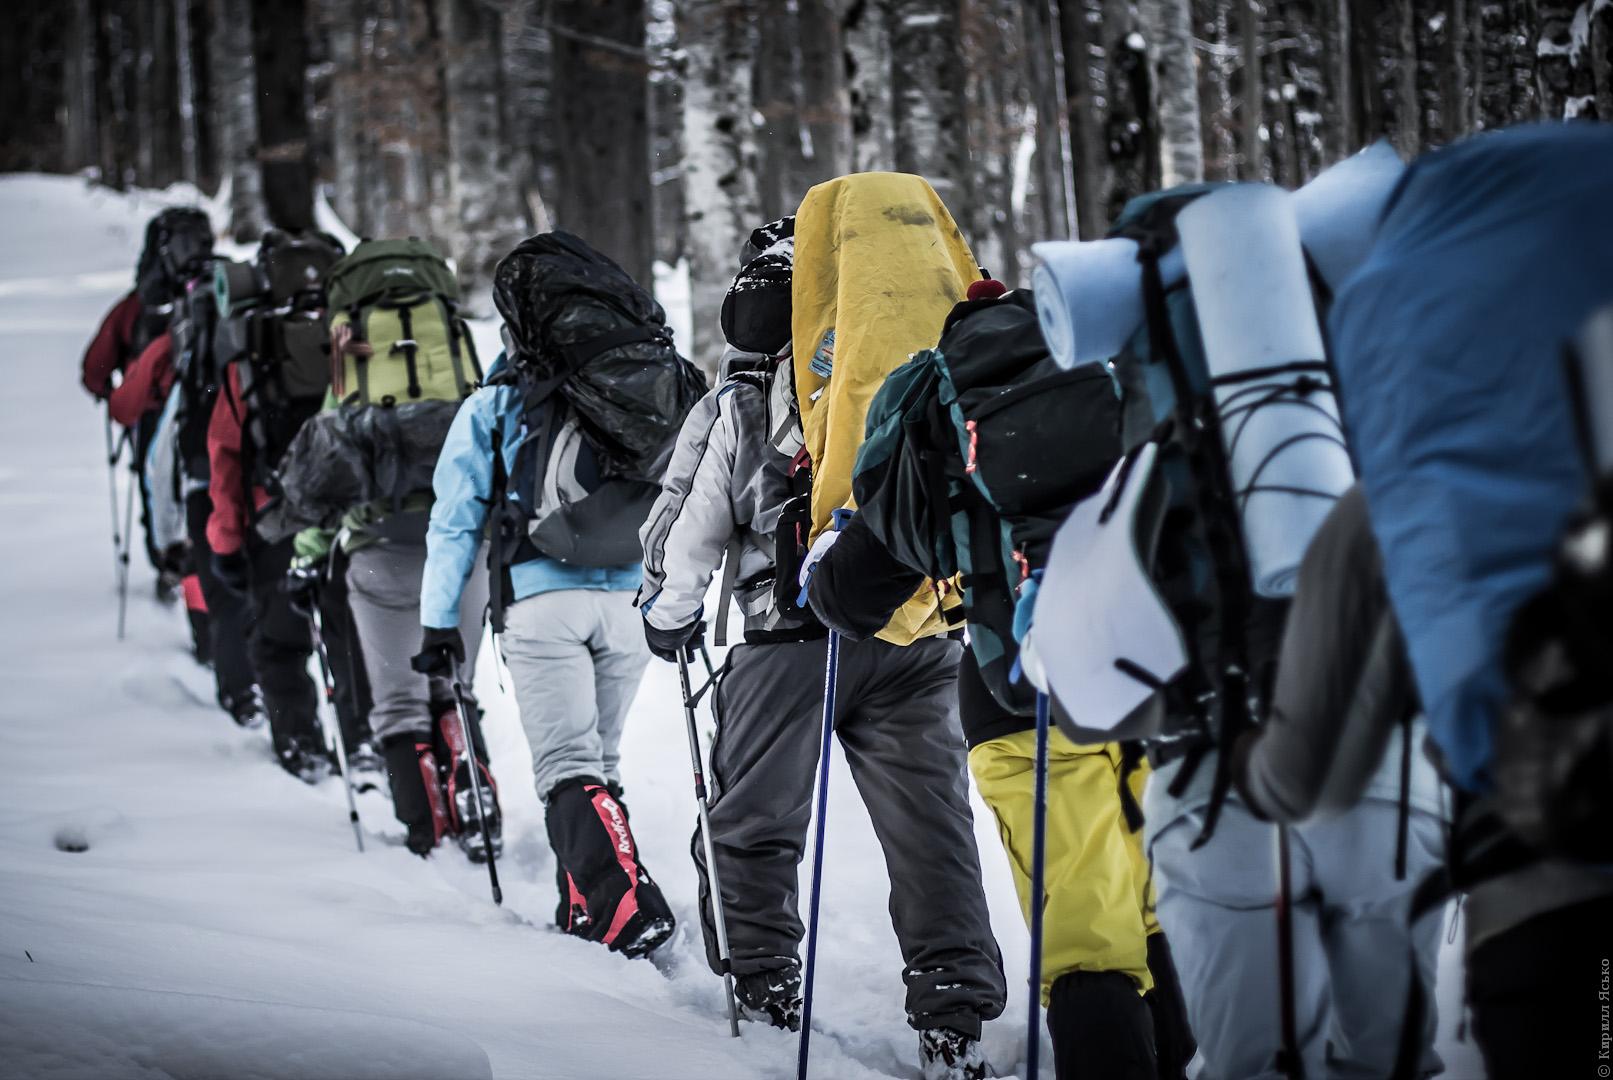 Как выбрать снаряжение для зимнего похода